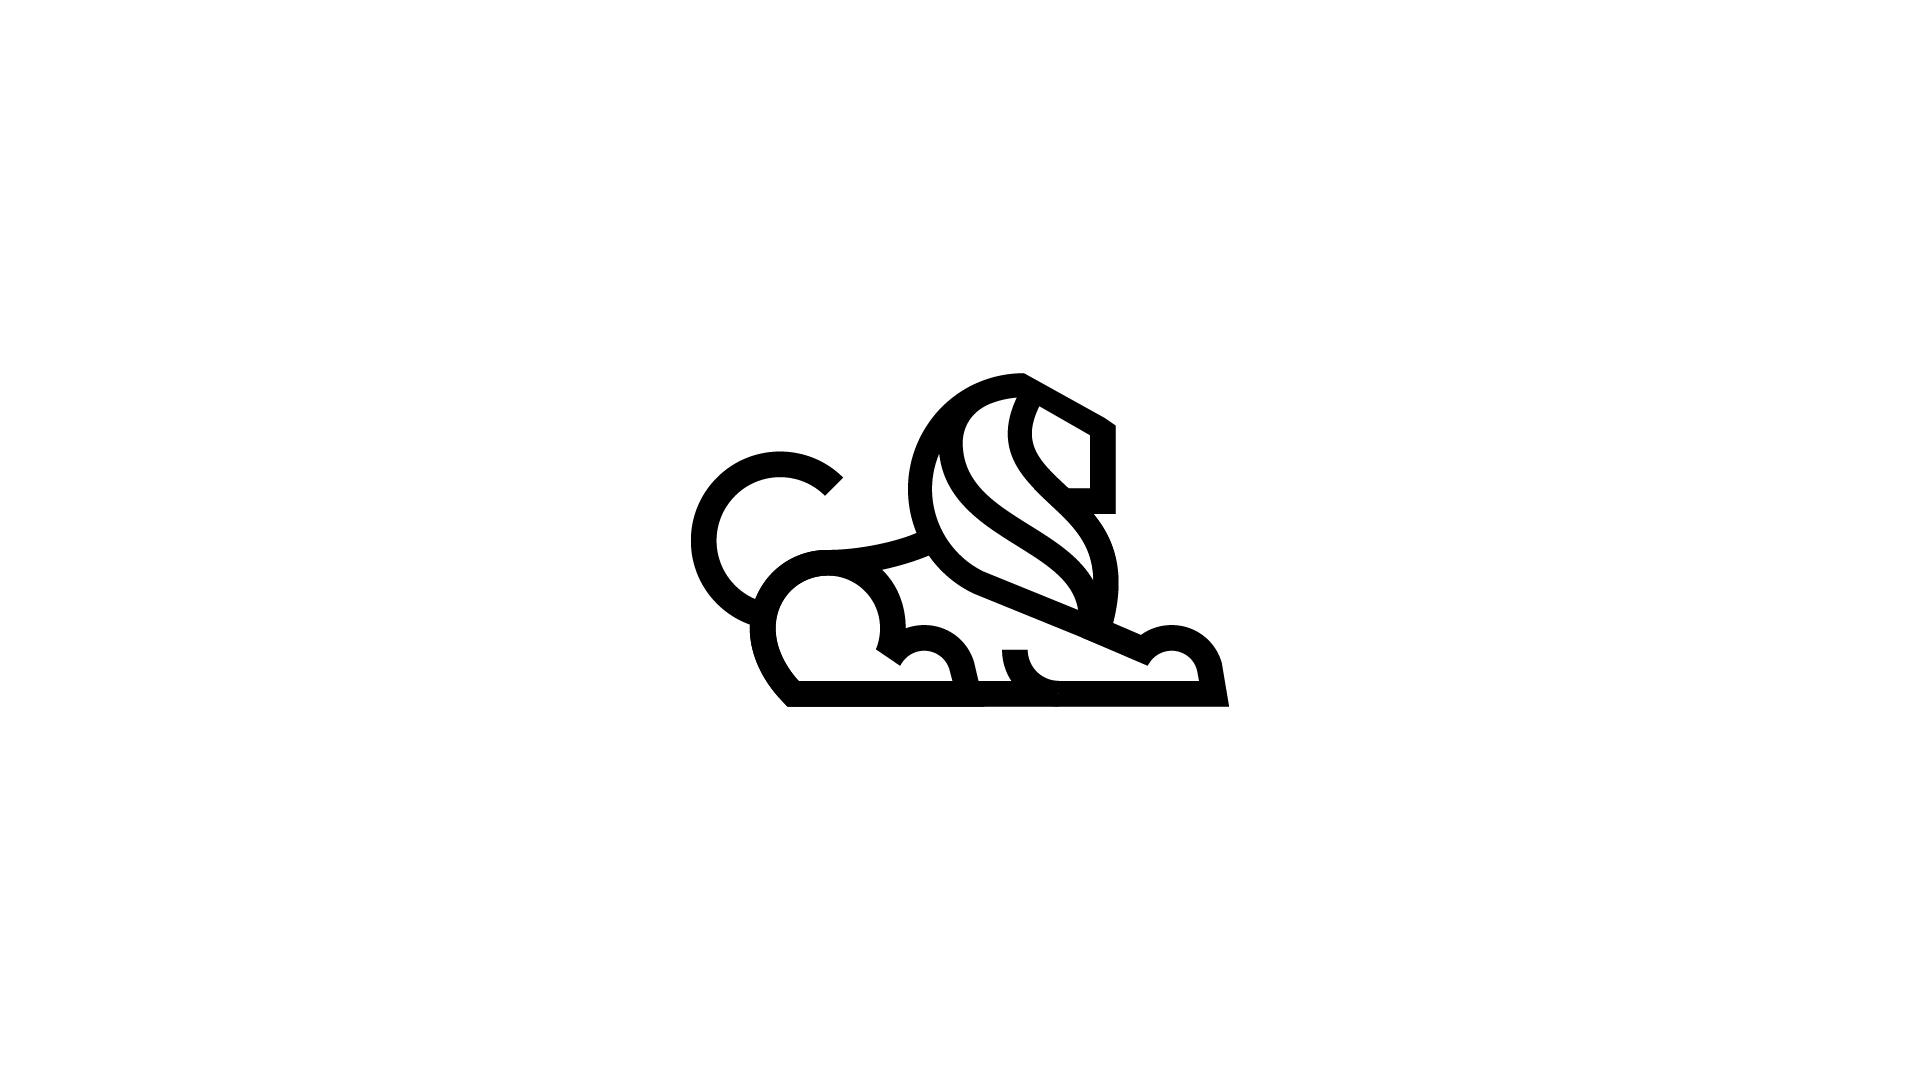 设计师sandro laliashvili动物元素logo设计